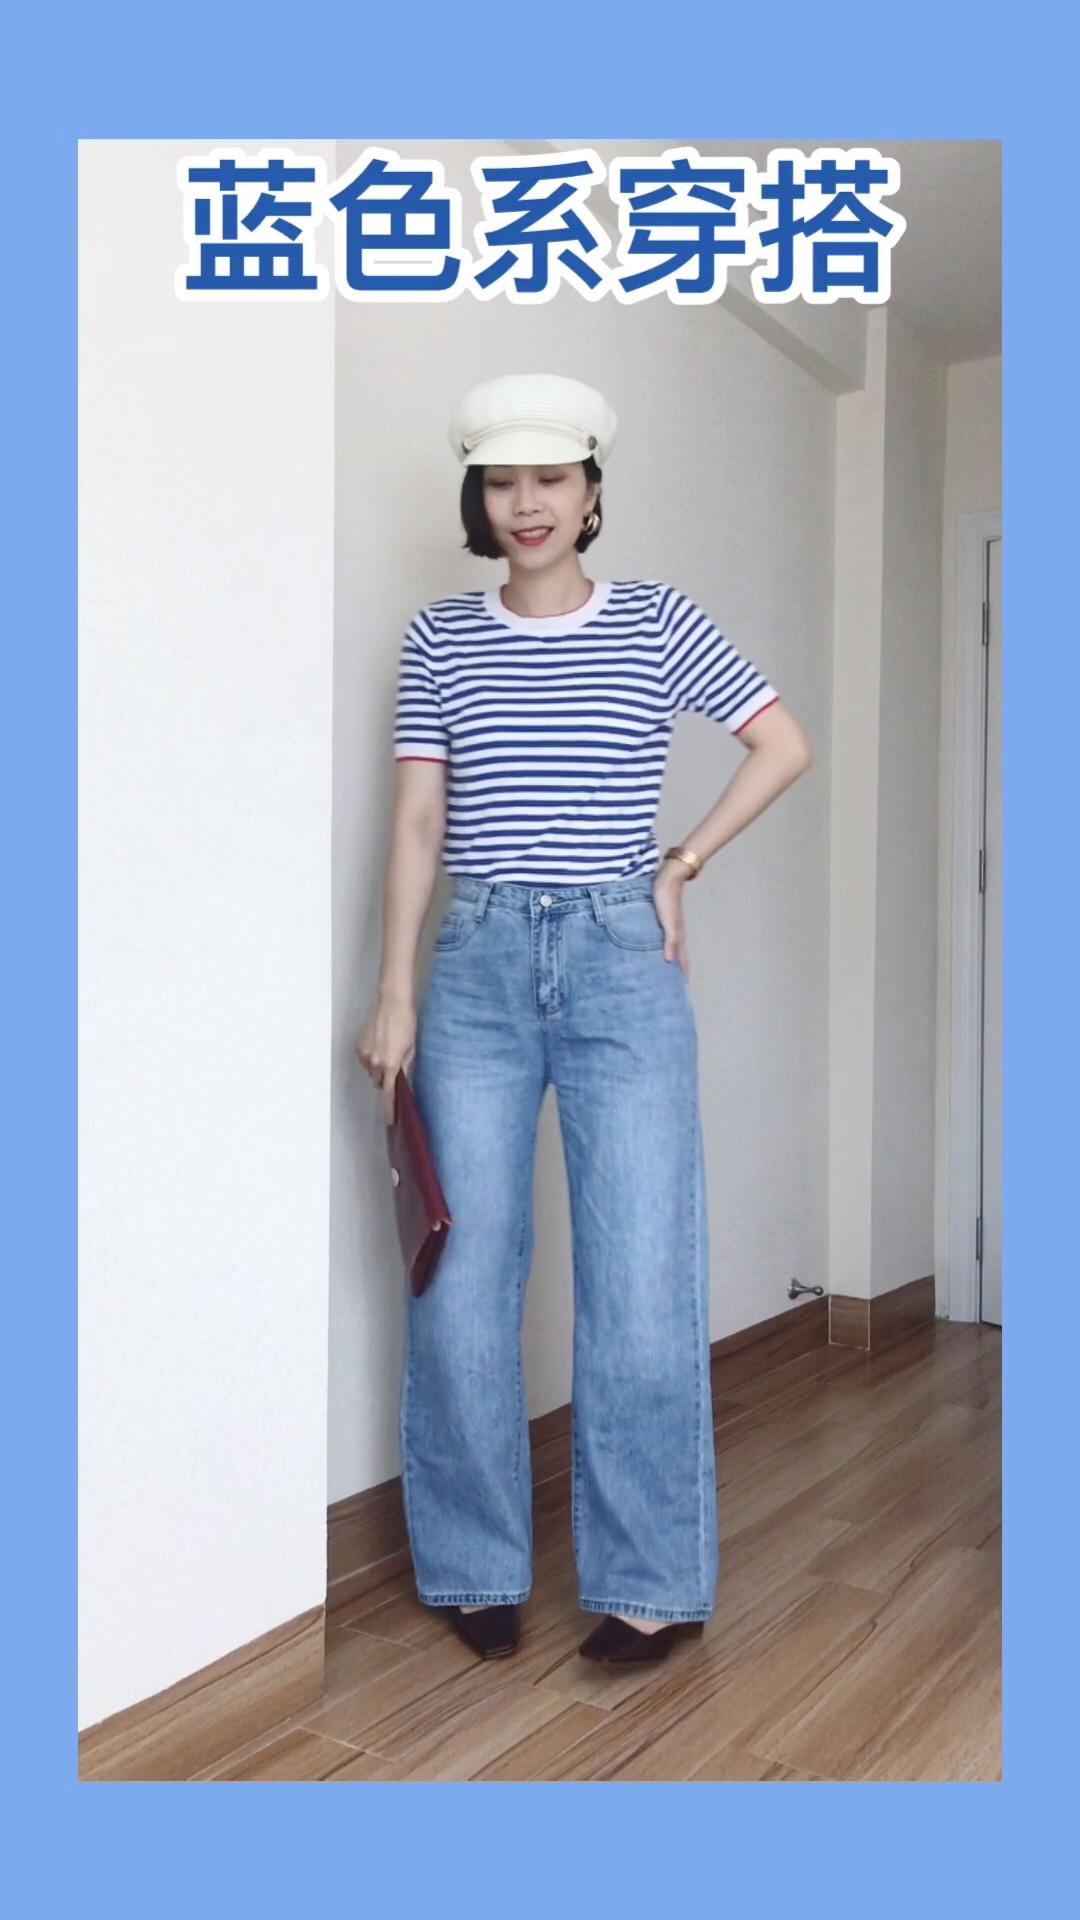 #网红t,便宜好穿不买不行!# 百搭蓝色条纹 复古蓝色牛仔裤 帅气复古 好穿又实用的一套。